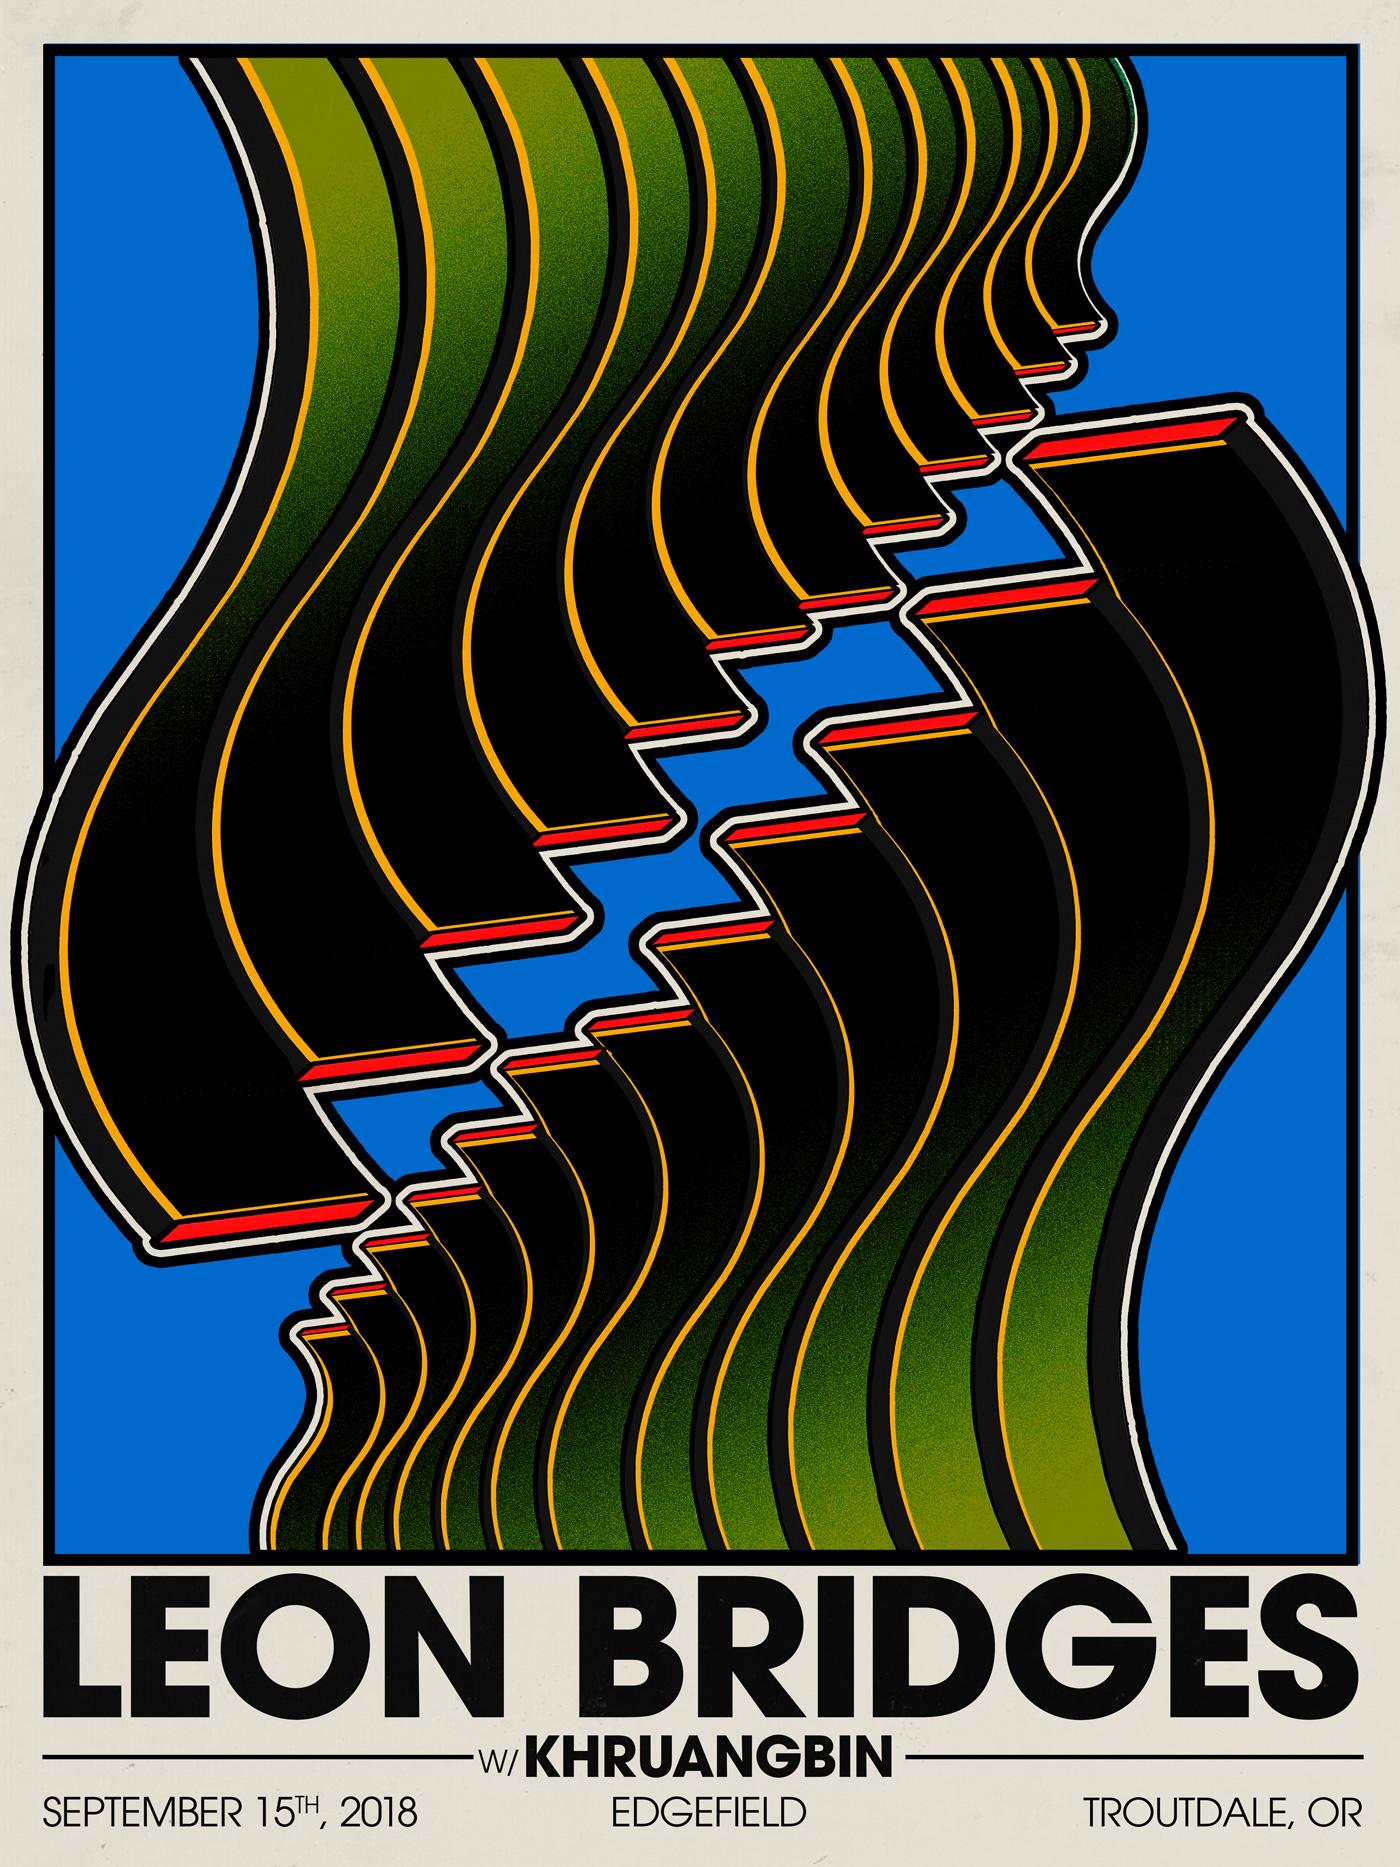 Leon-Bridges,-Troutdale-aaron-denton-amadeus